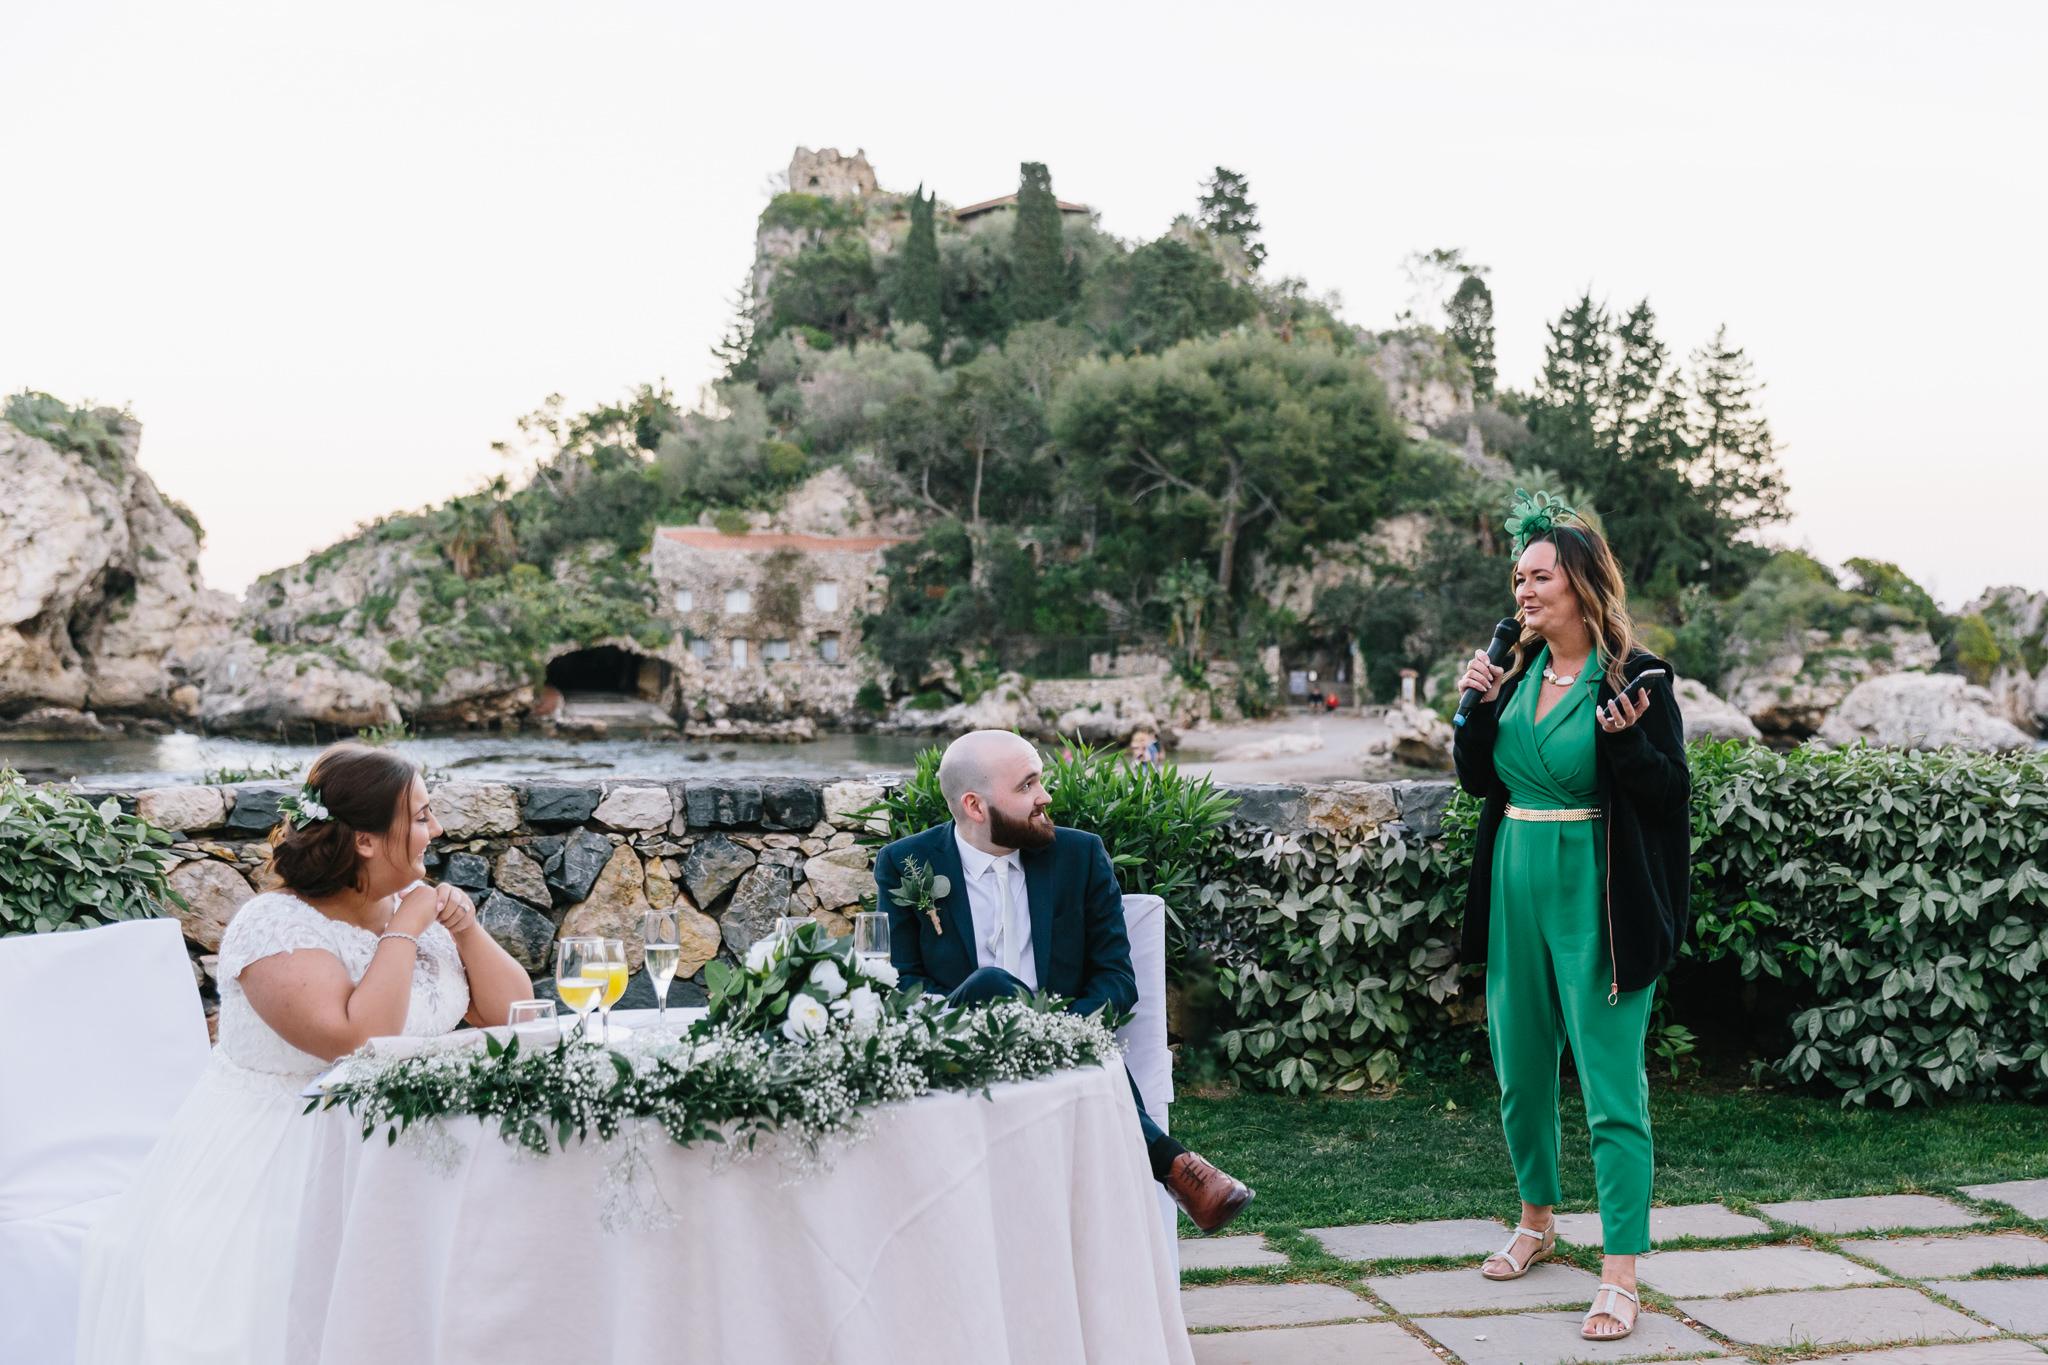 060-2019-04-27-Wedding-Michelle-e-Callum-5DE-798